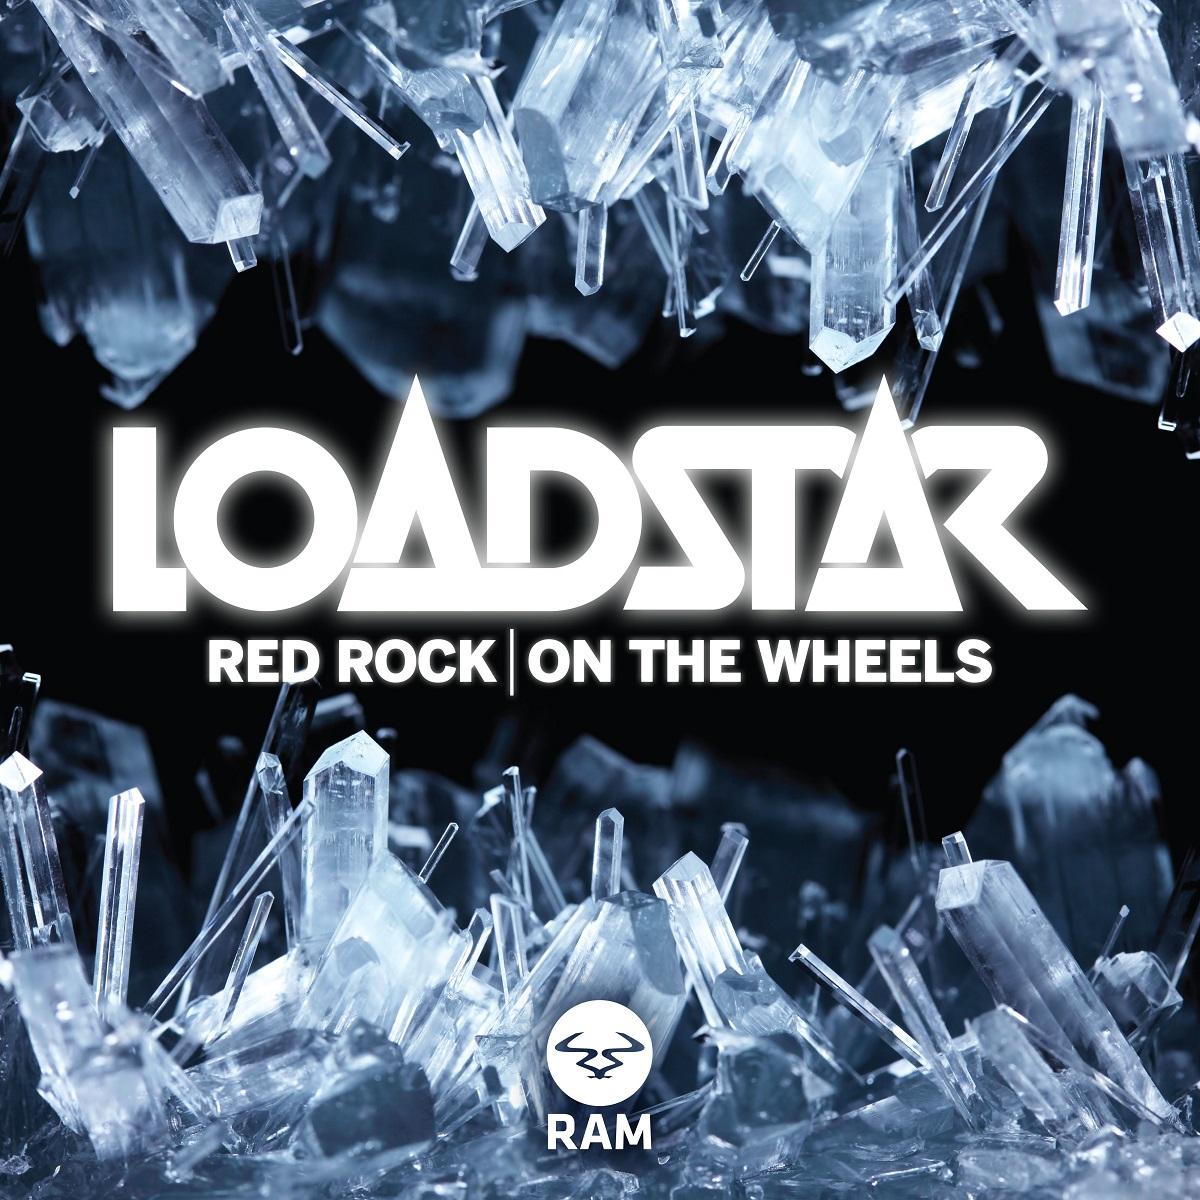 loadstar on the wheels